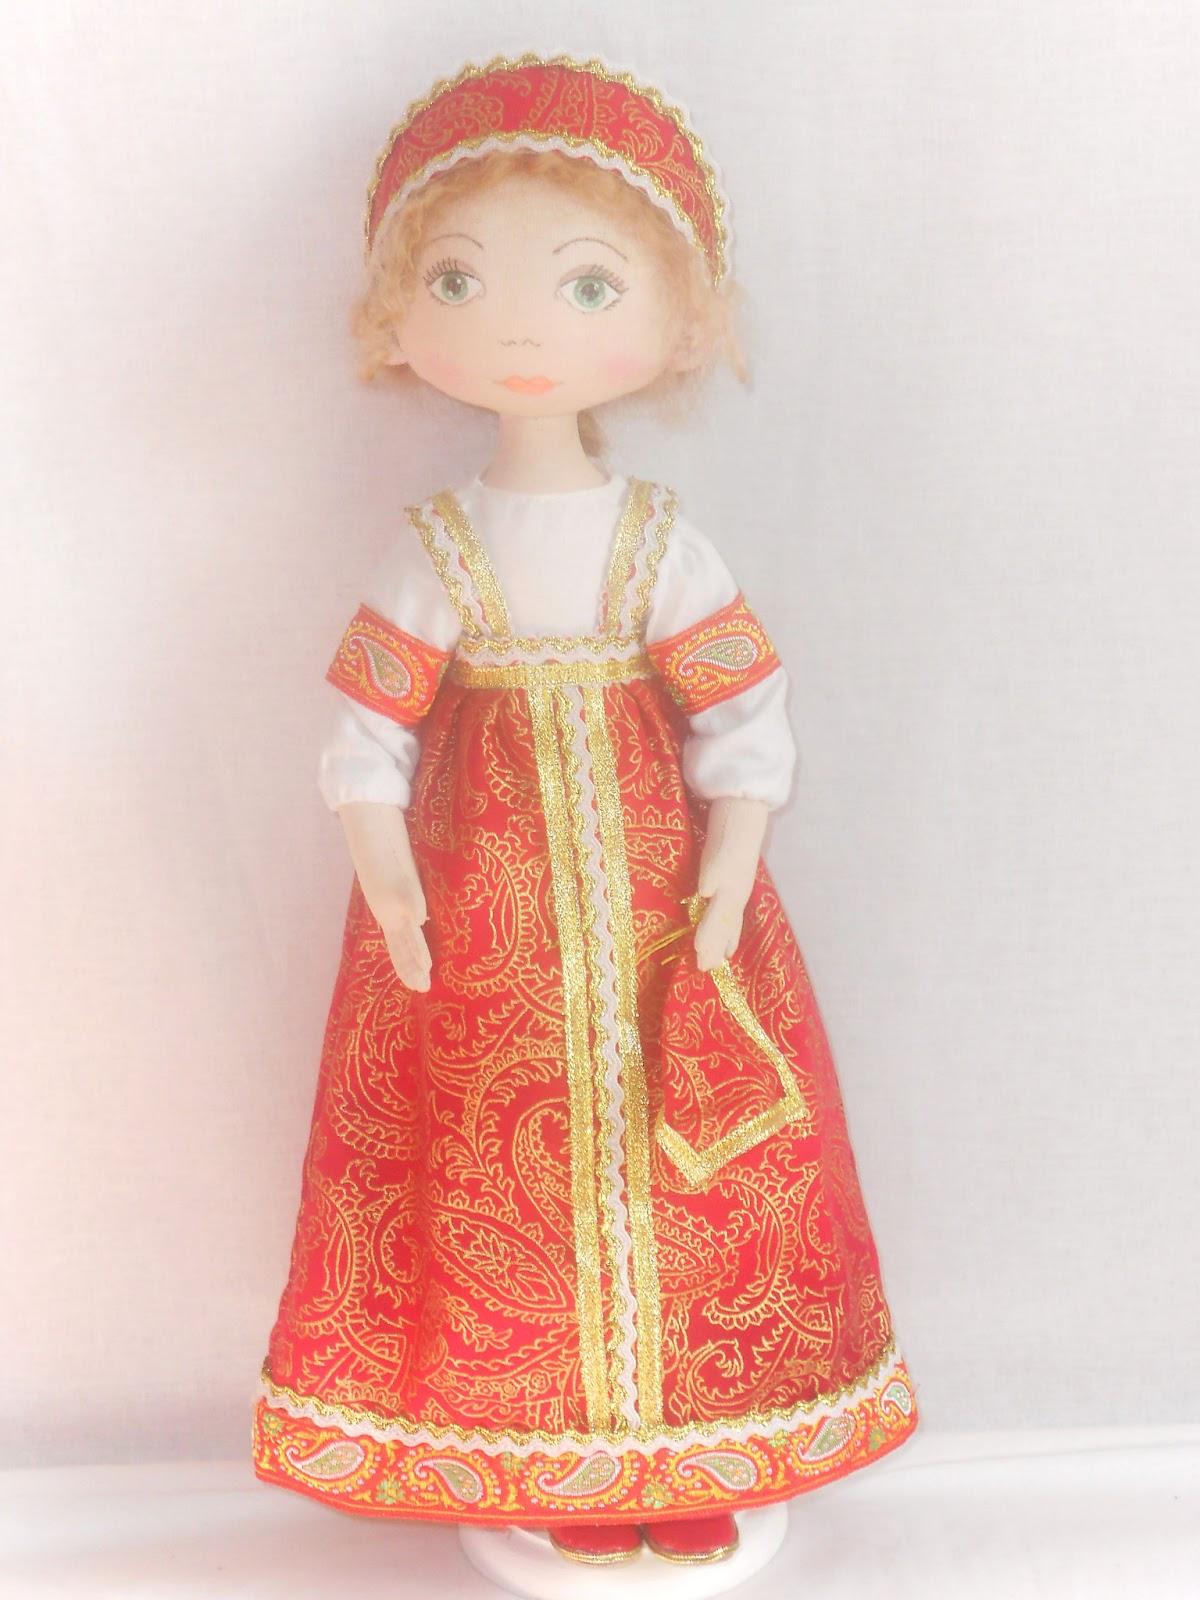 Куклы в народных костюмах своими руками из ткани 79